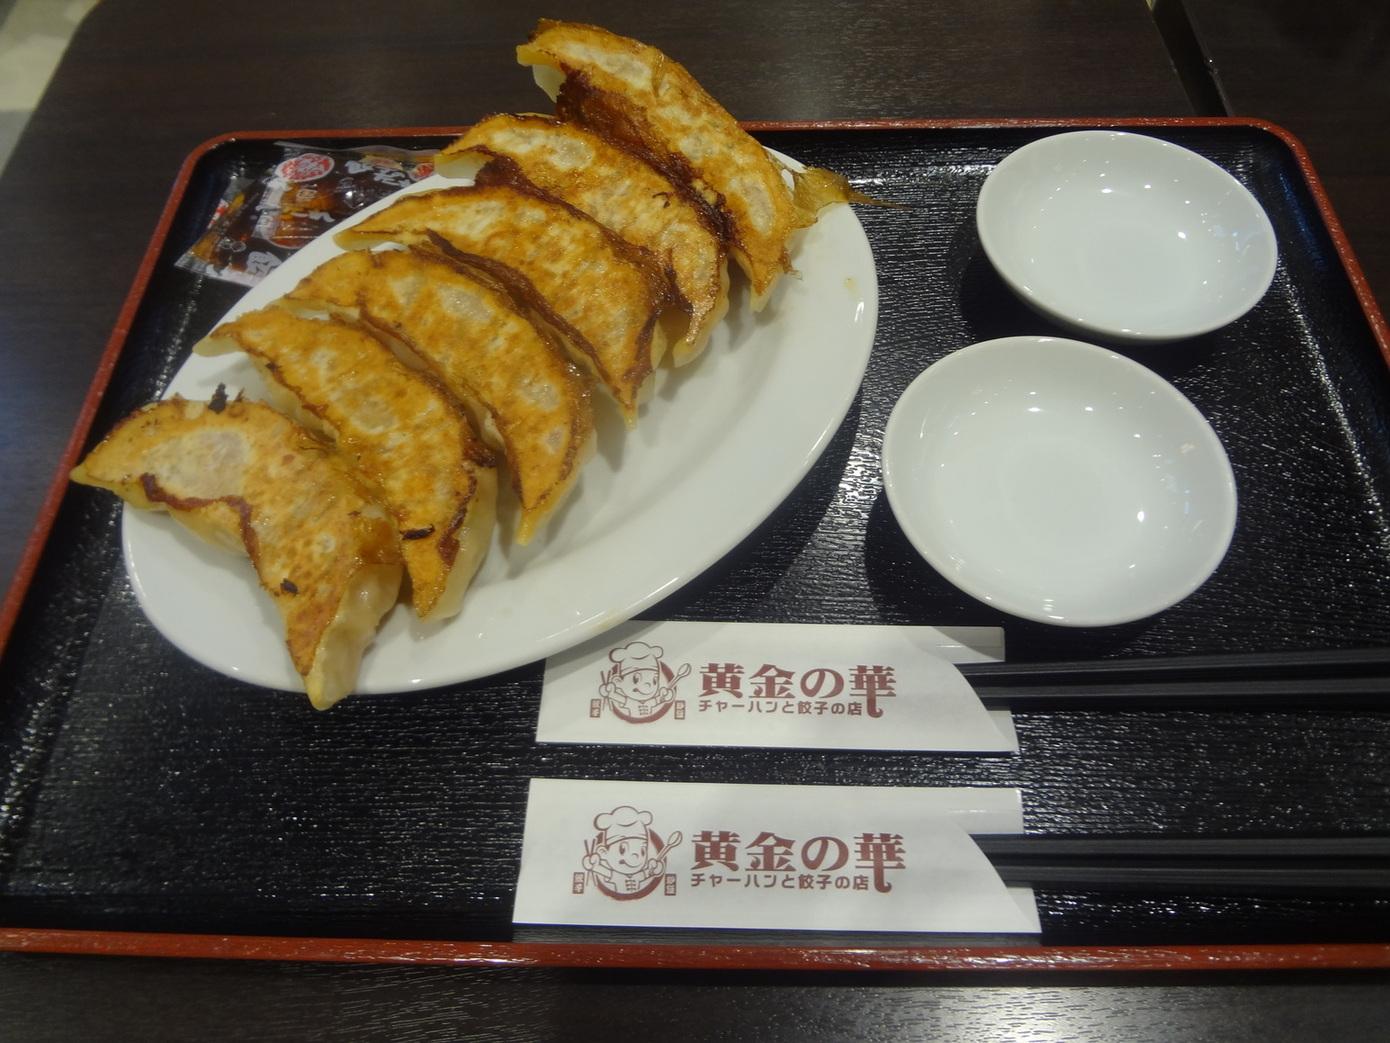 黄金の華 イオンモール東久留米店